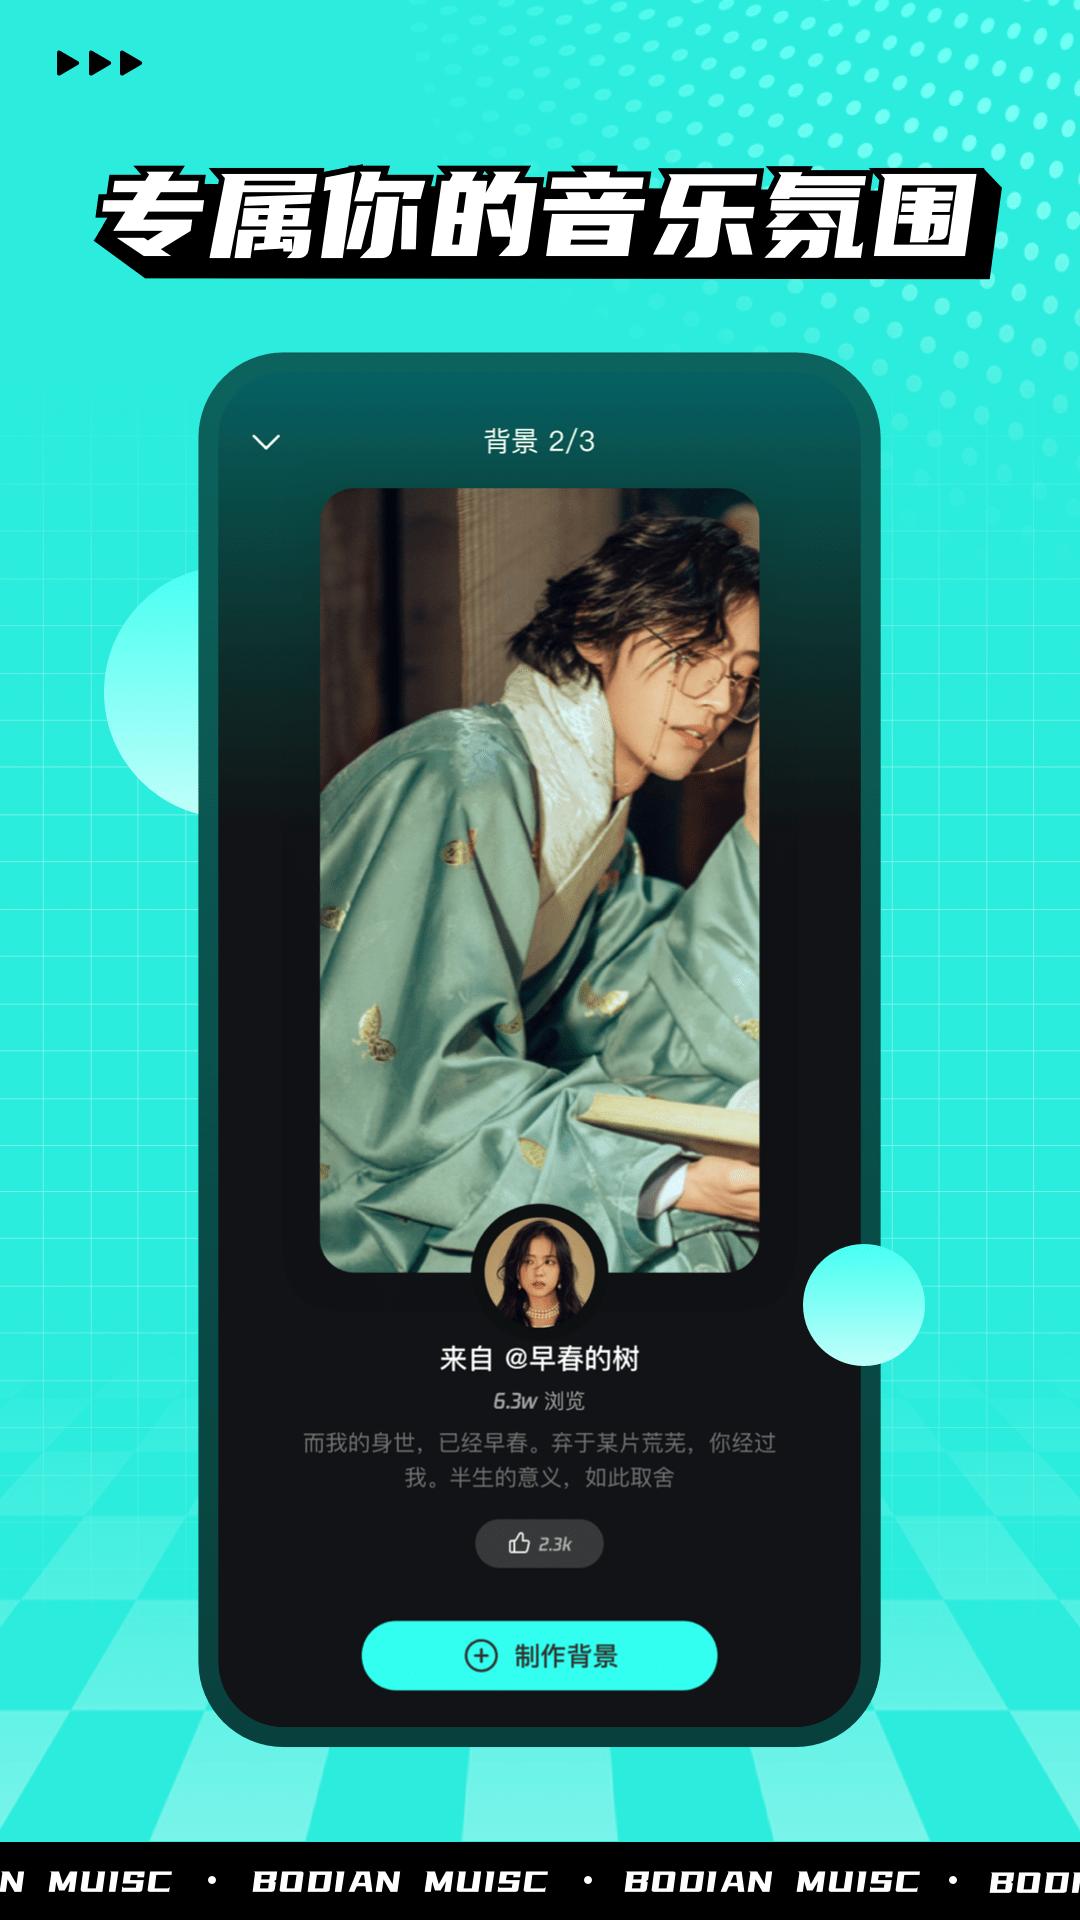 波点音乐 V1.3.0 安卓版截图3